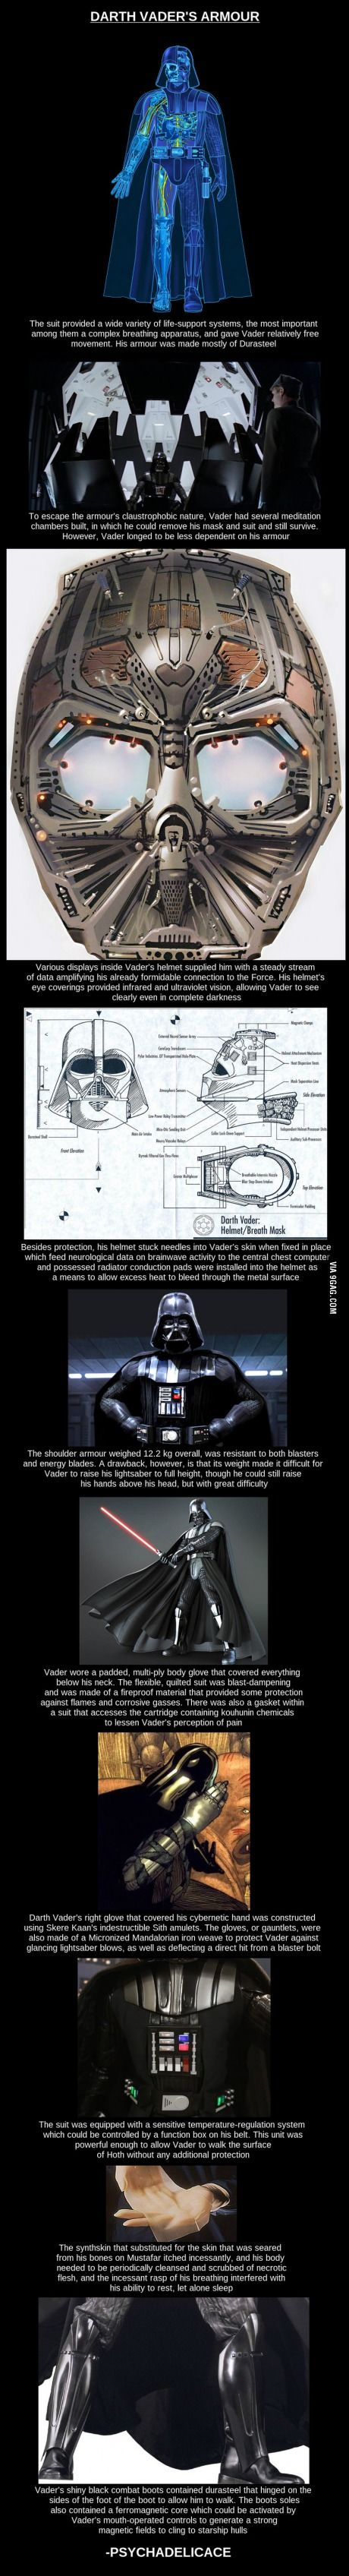 La armadura de Darth Vader.